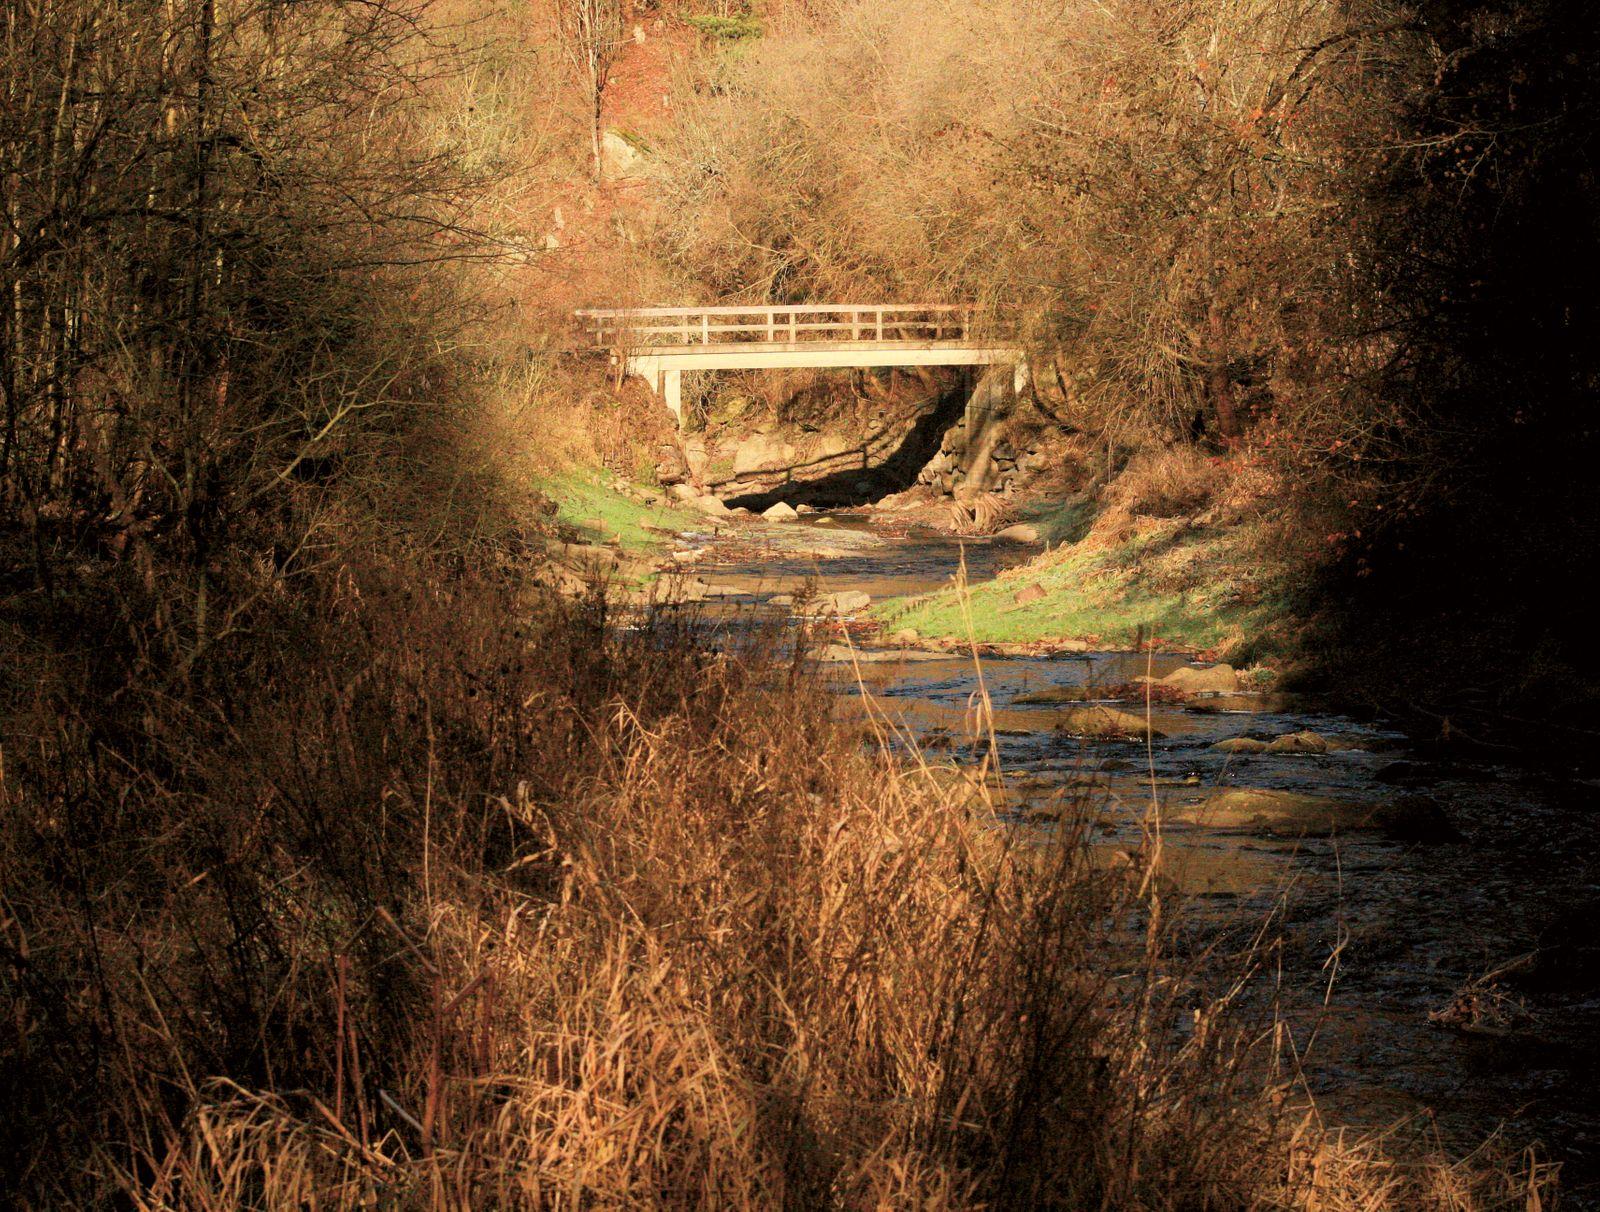 BUCH Martin Burger / Gehen auf alten Wegen / Brücke über den Purzelkamp